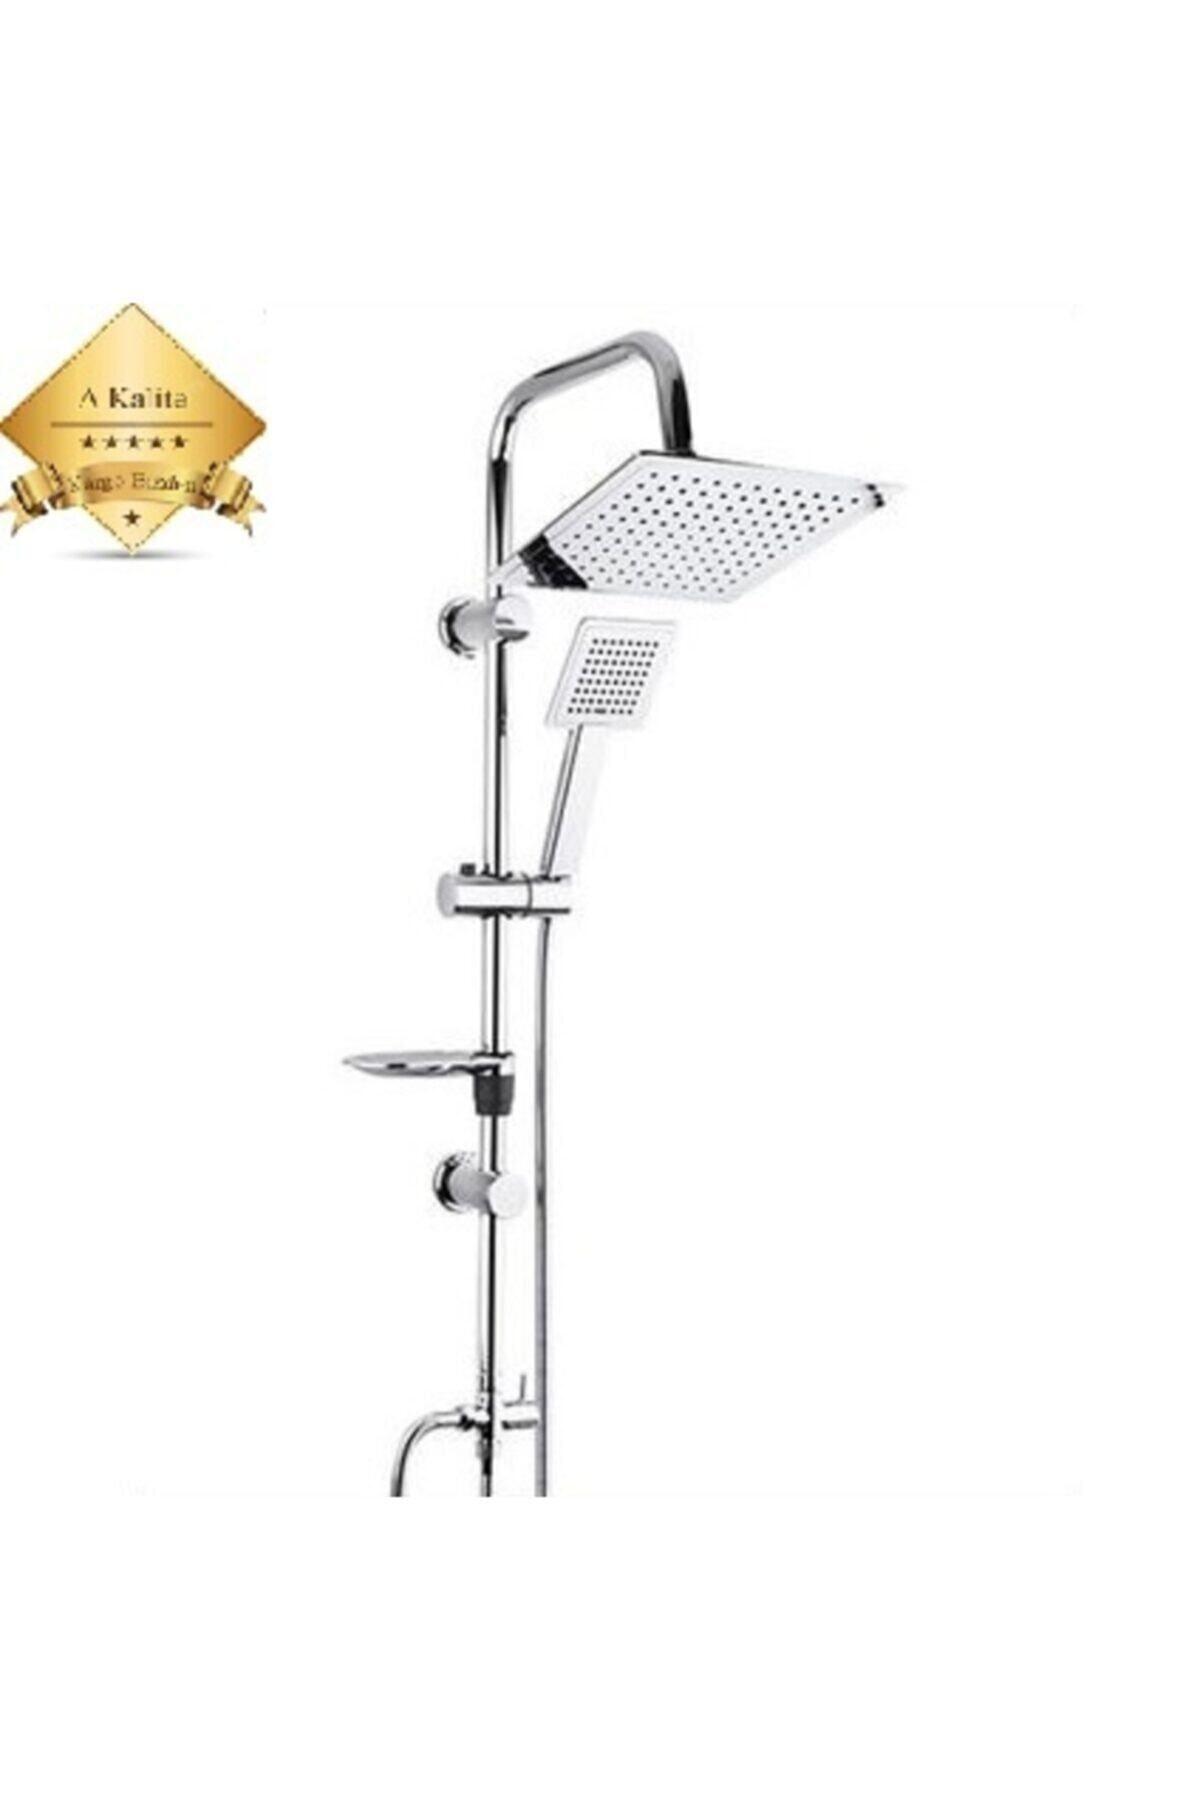 Beyazsu Duş Seti Kalista, Çiftli Yağmurlama Robot Duş Sistemi , Krom Duş Seti Takımı 1